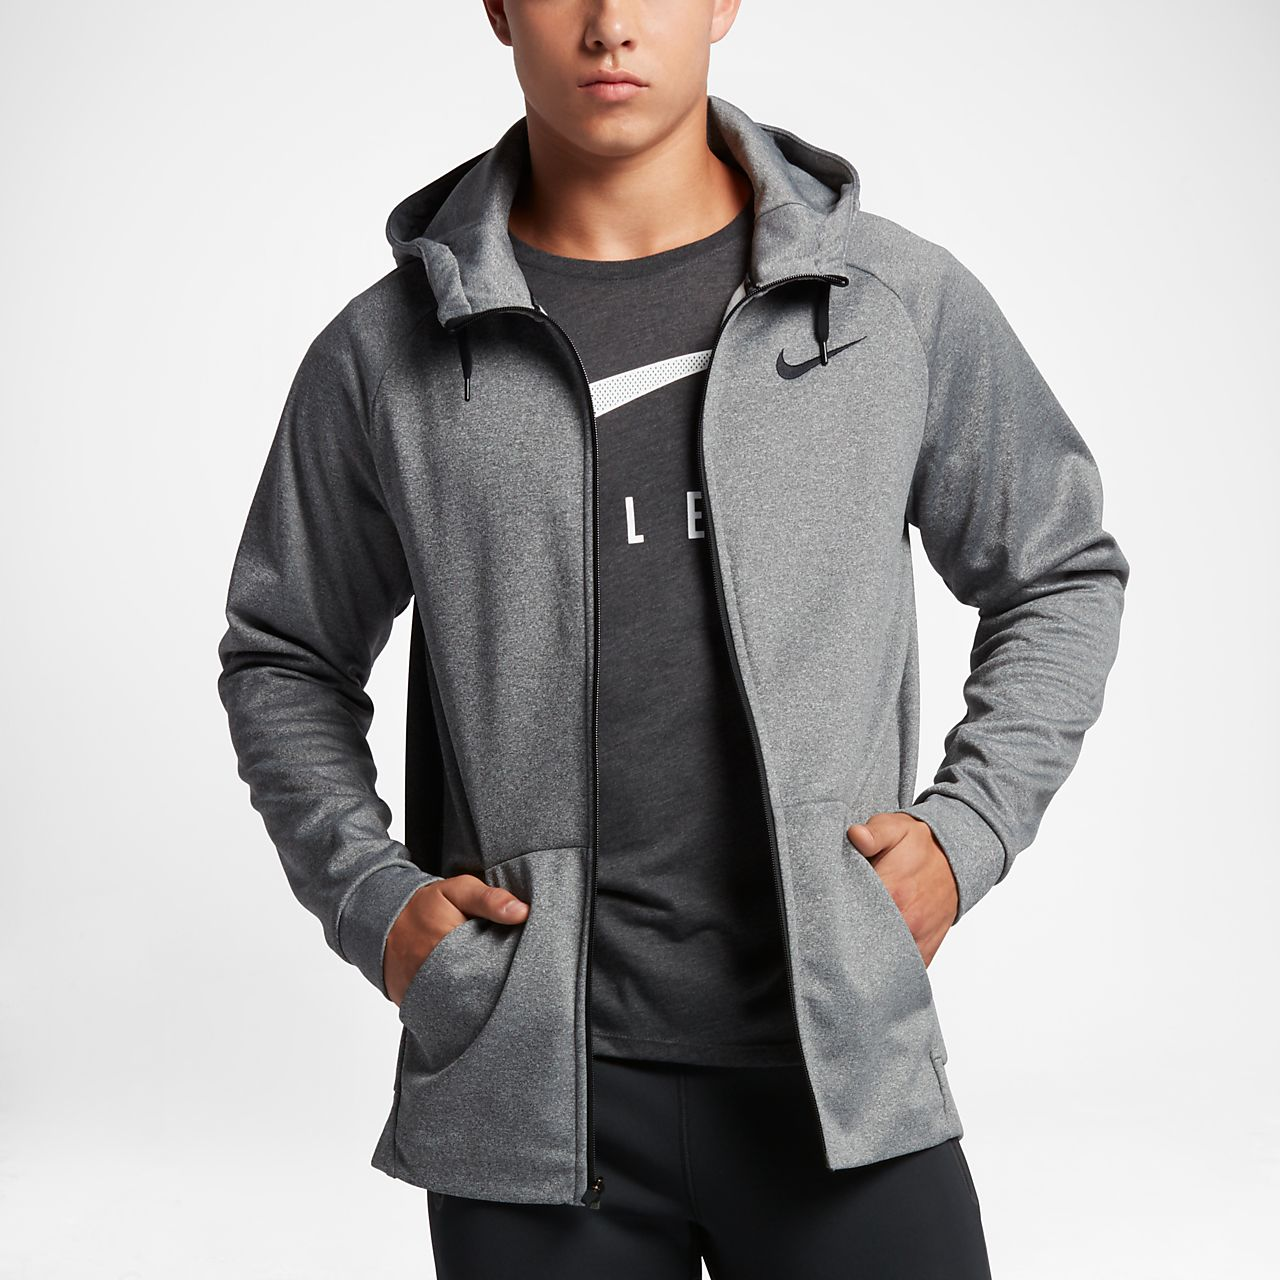 Buy nike zip up hoodie mens red > Up to 44% Discounts